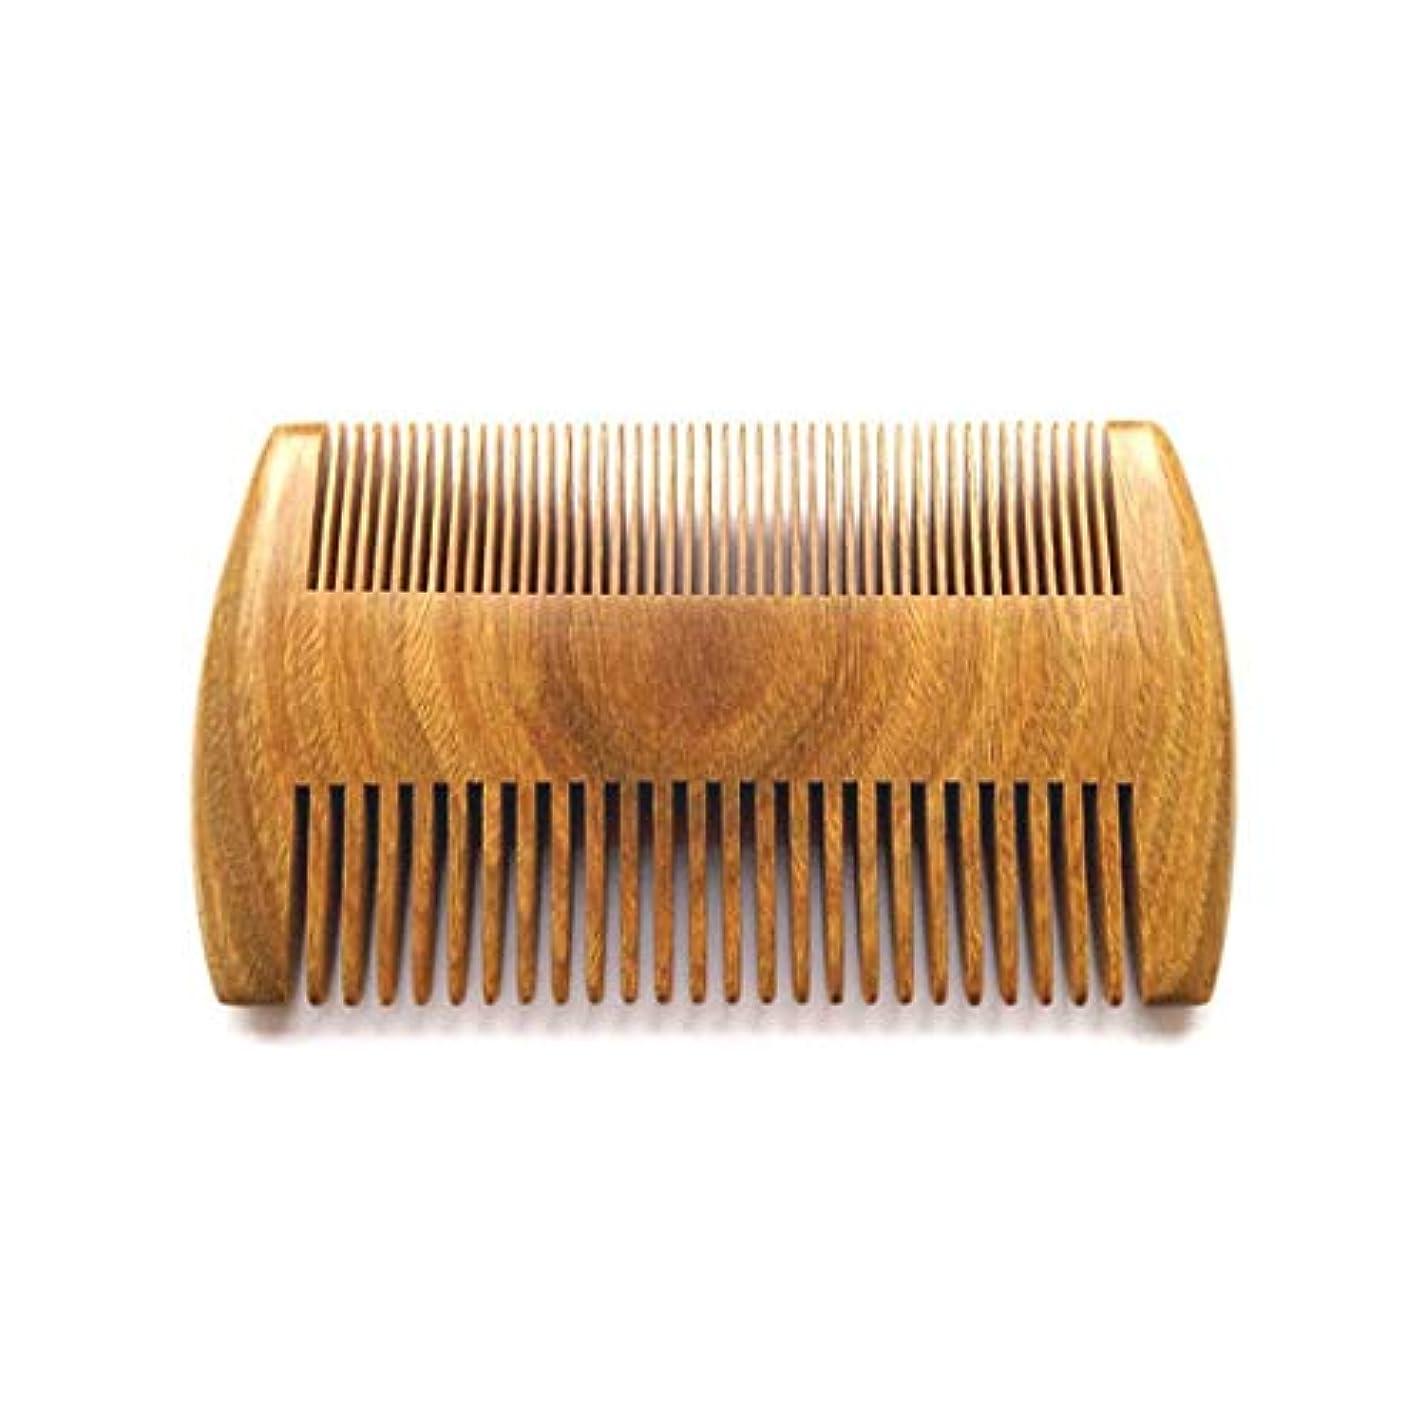 急降下安西返済Guomao 健康な頭皮および毛のために非常に適したハンドメイドの自然な白檀の櫛 (色 : Wood color)